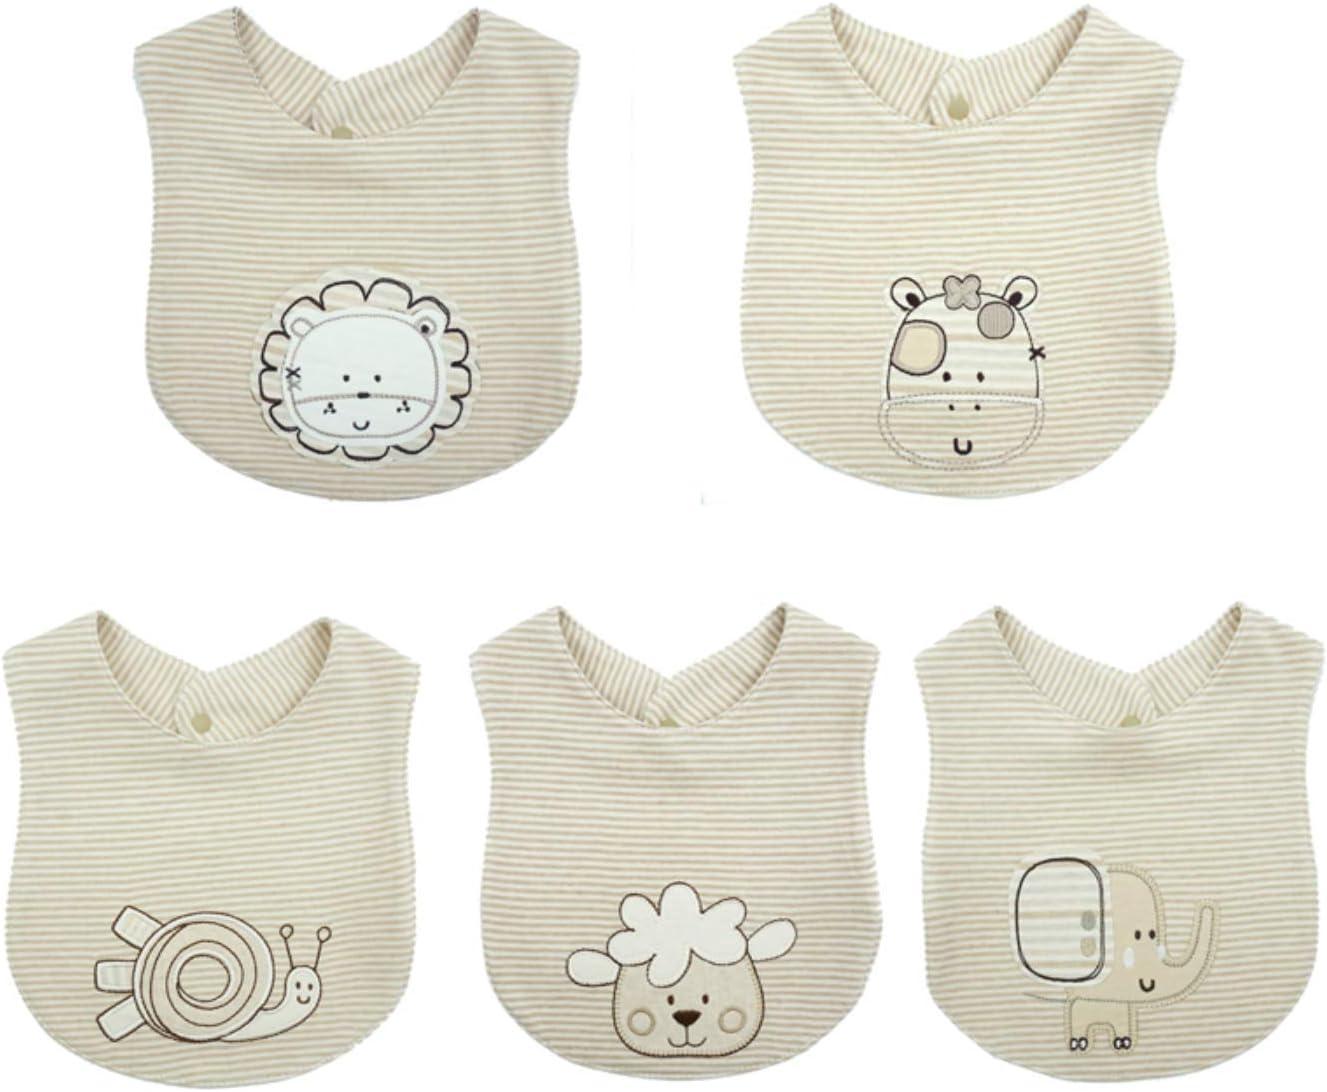 Baberos para bebés, seguros 100% algodón orgánico de color natural, sin tinte ni lejía, absorbentes, tonos neutros, estilos unisex: Amazon.es: Bebé